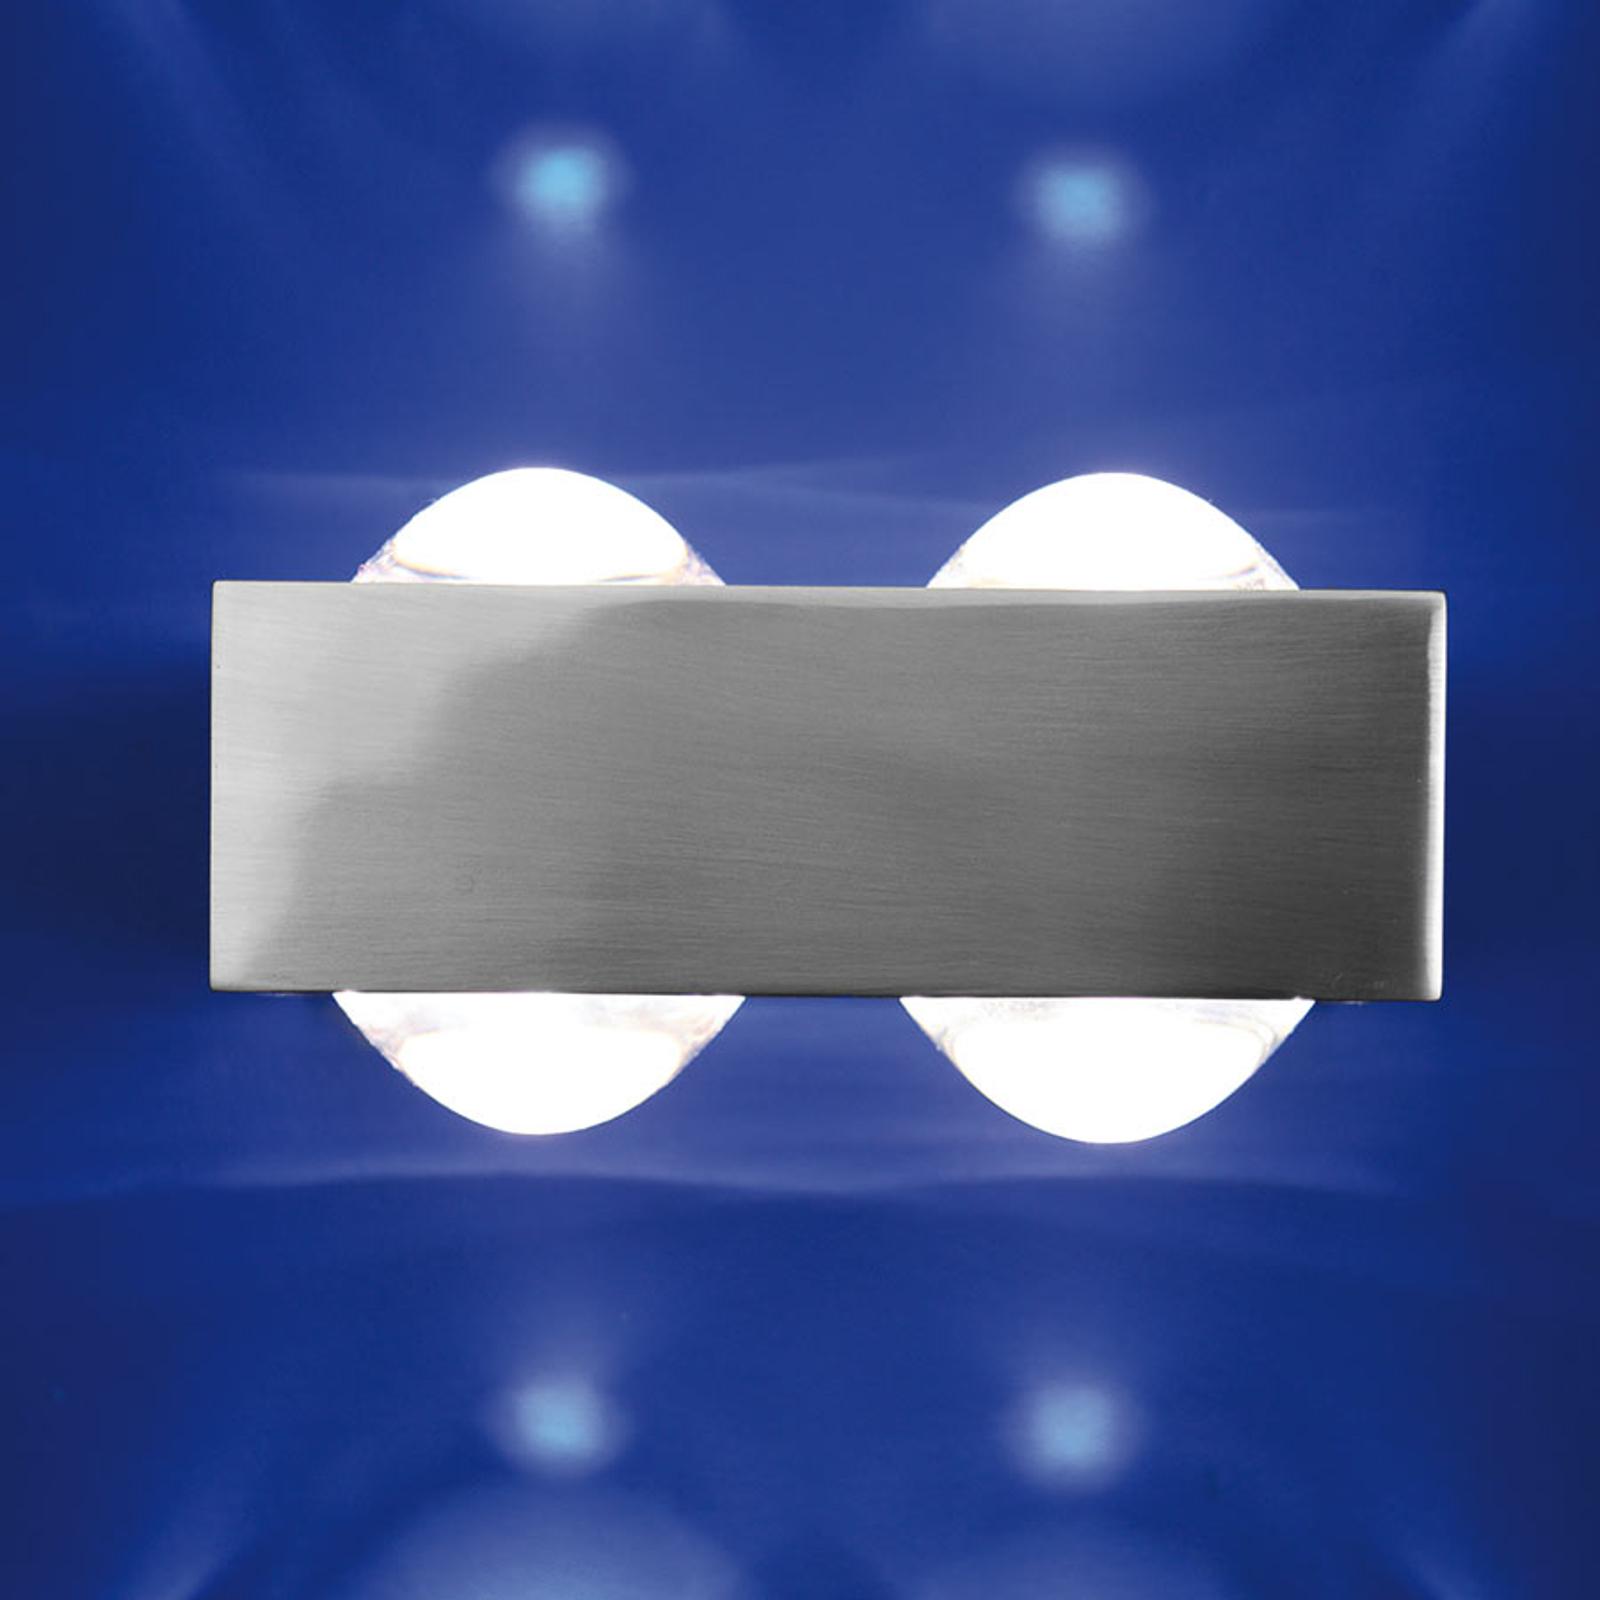 Seinälamppu Focus 150, nikkeli, 4 linssiä